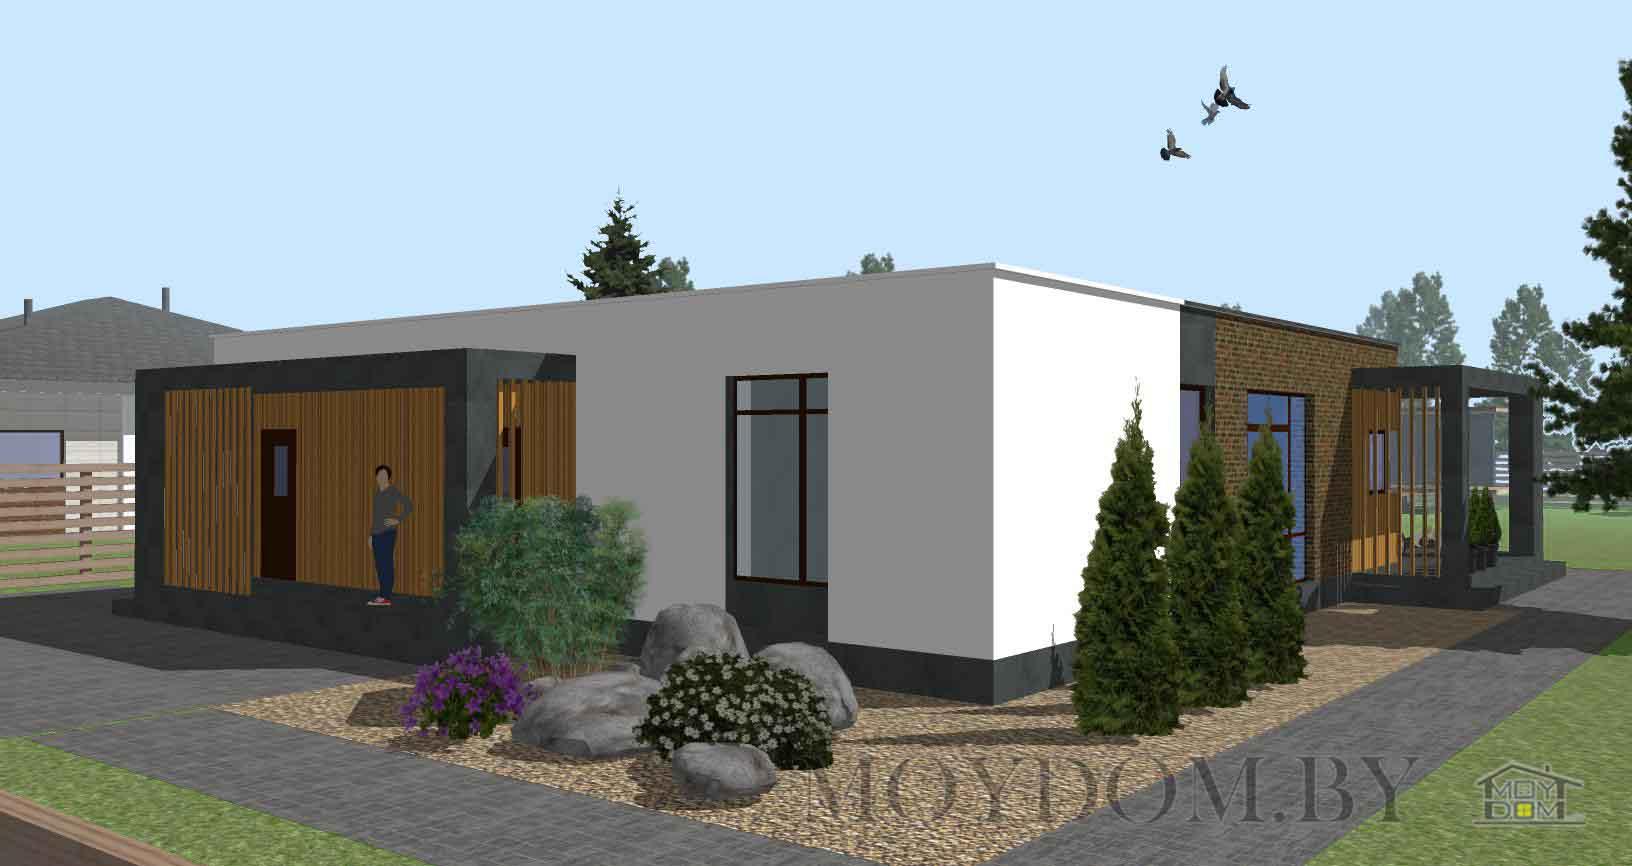 Проект одноэтажного современного дома 902 с плоской крышей и террасой